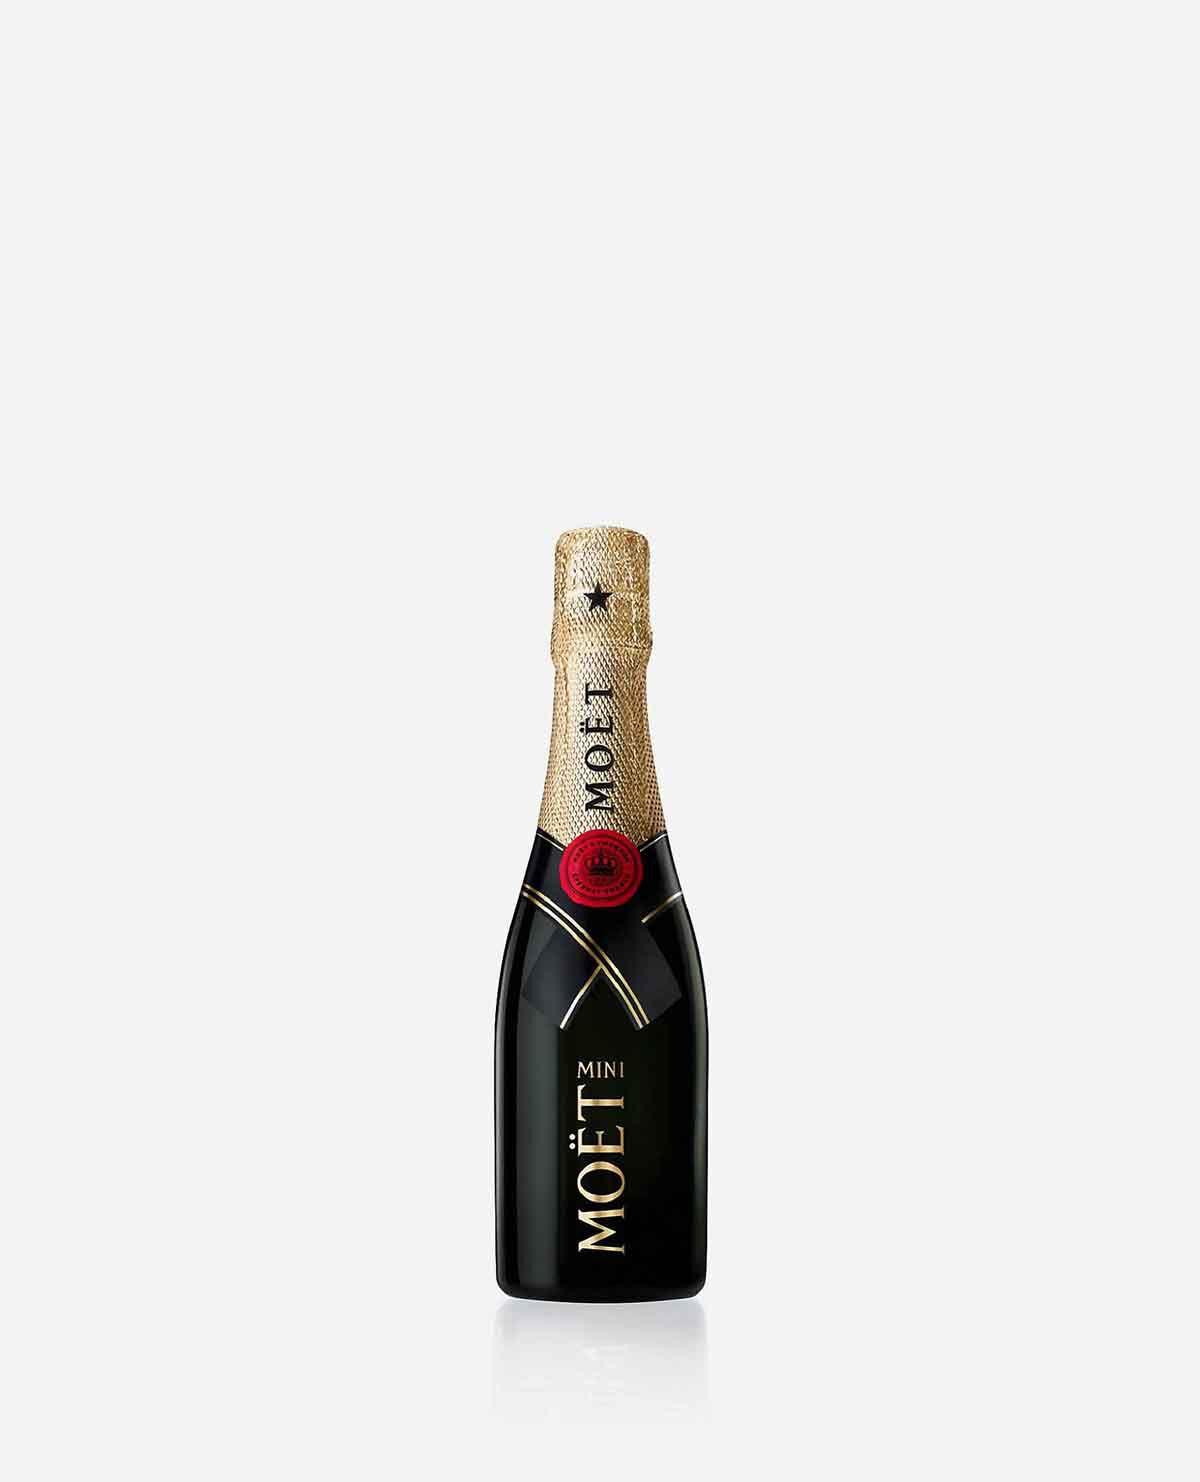 モエ アンペリアルMINIMOET シャンパン